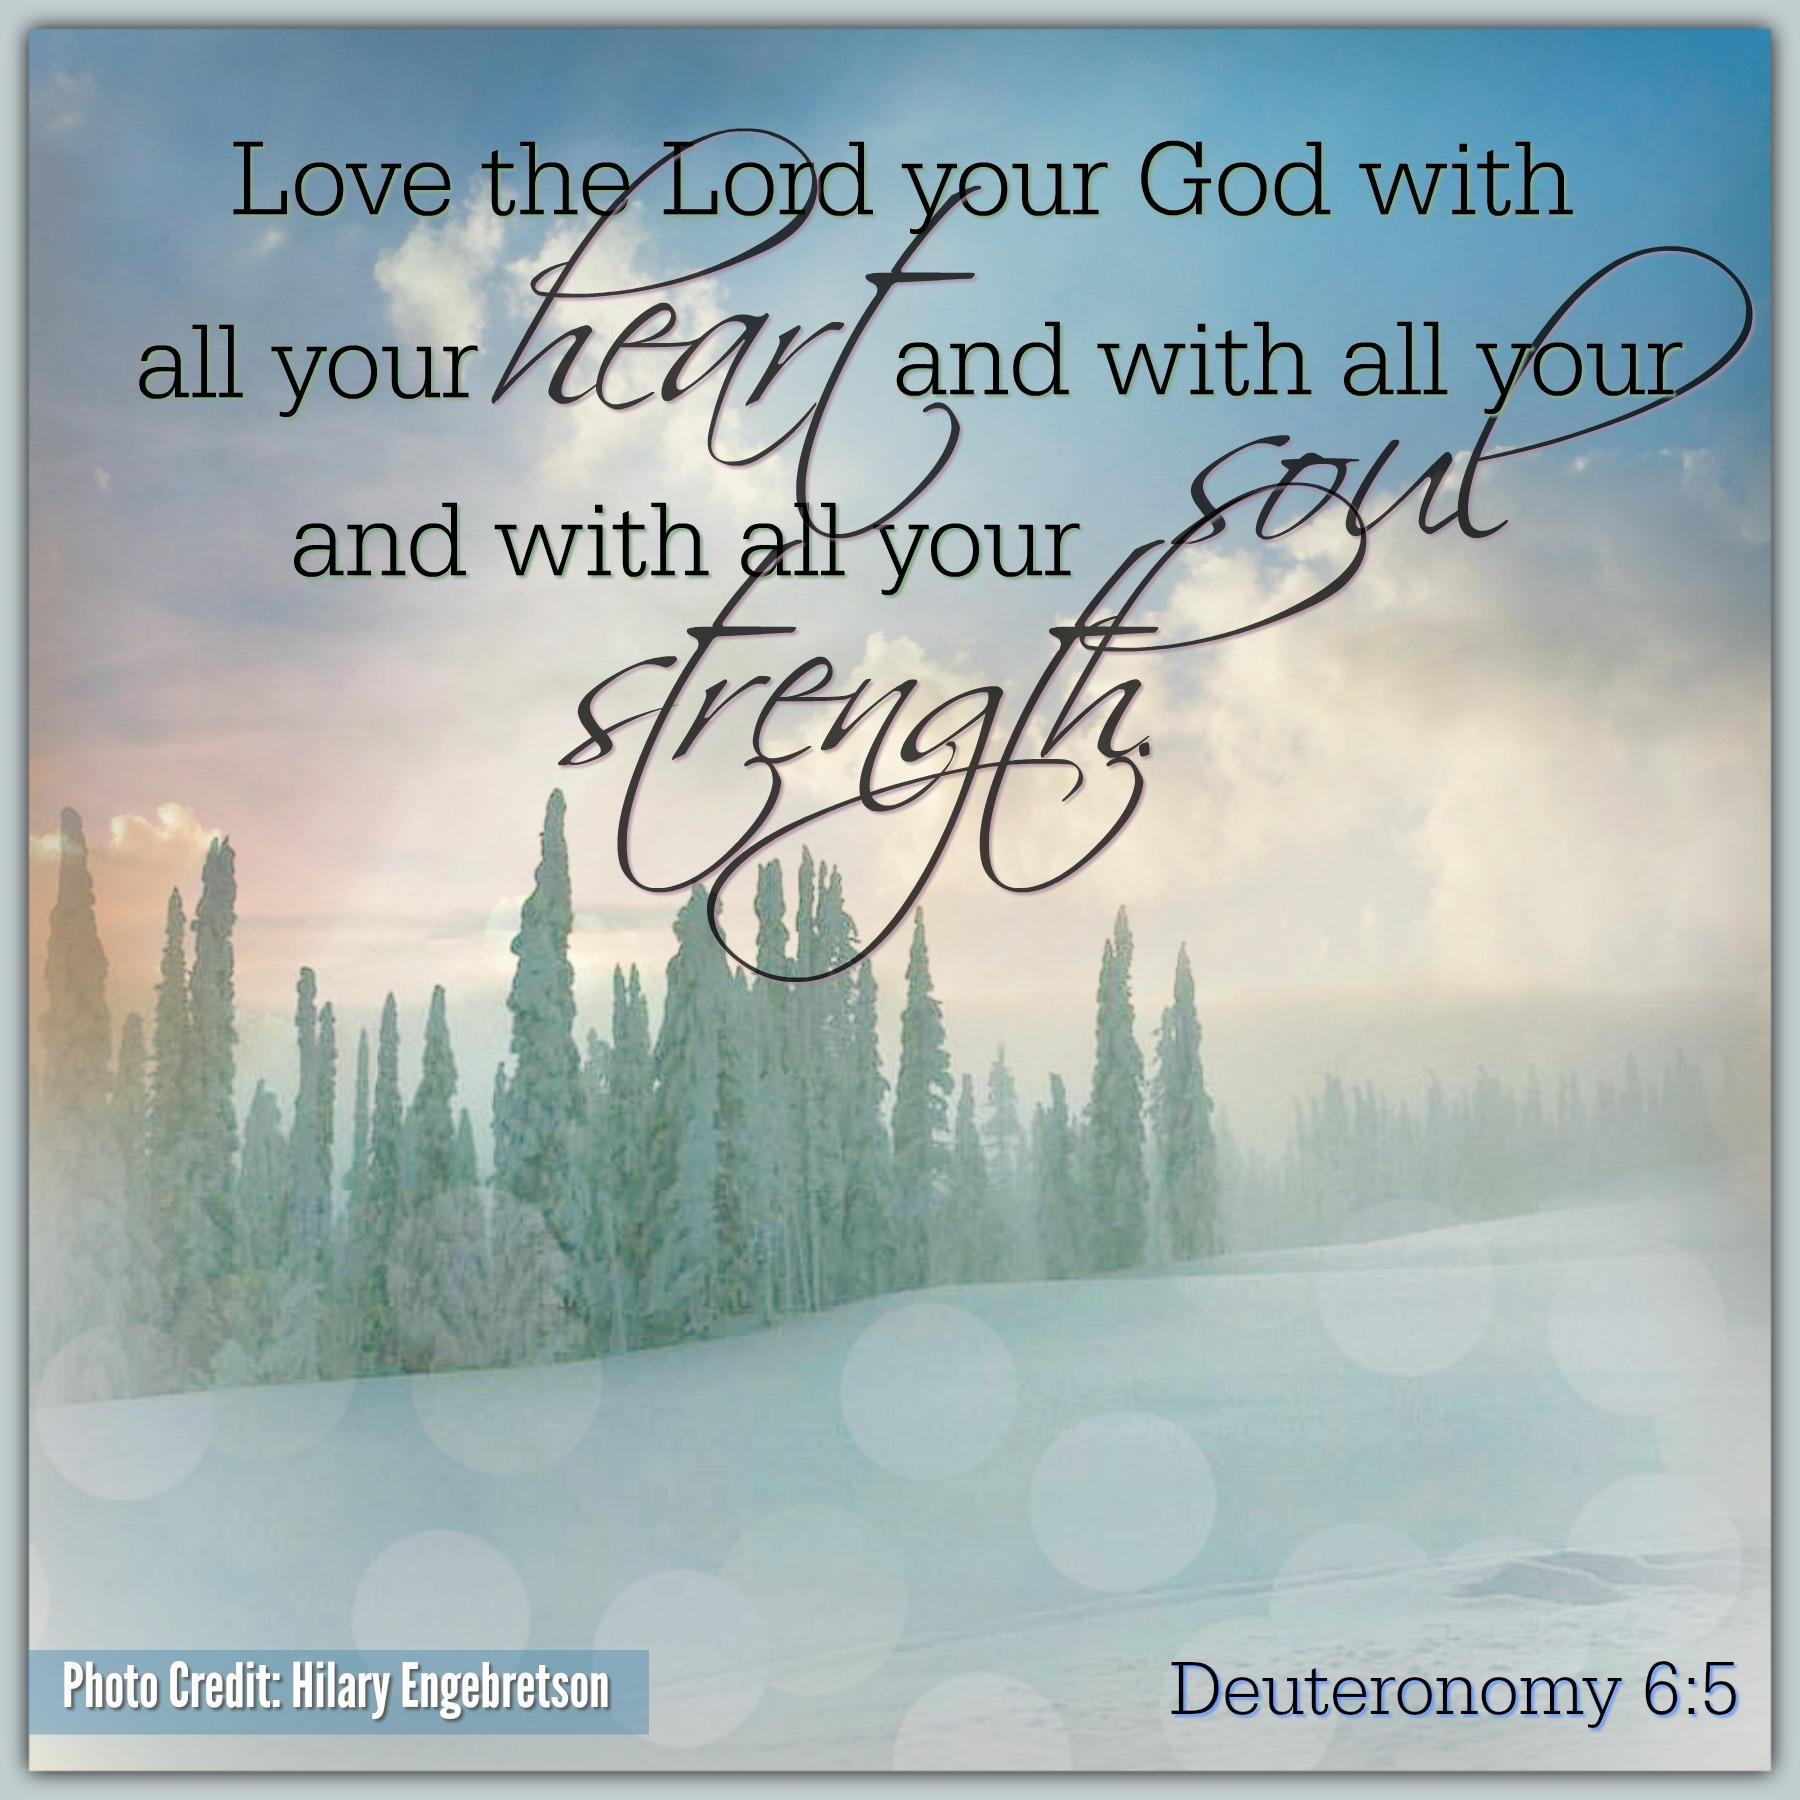 Deuteronomy 6:5